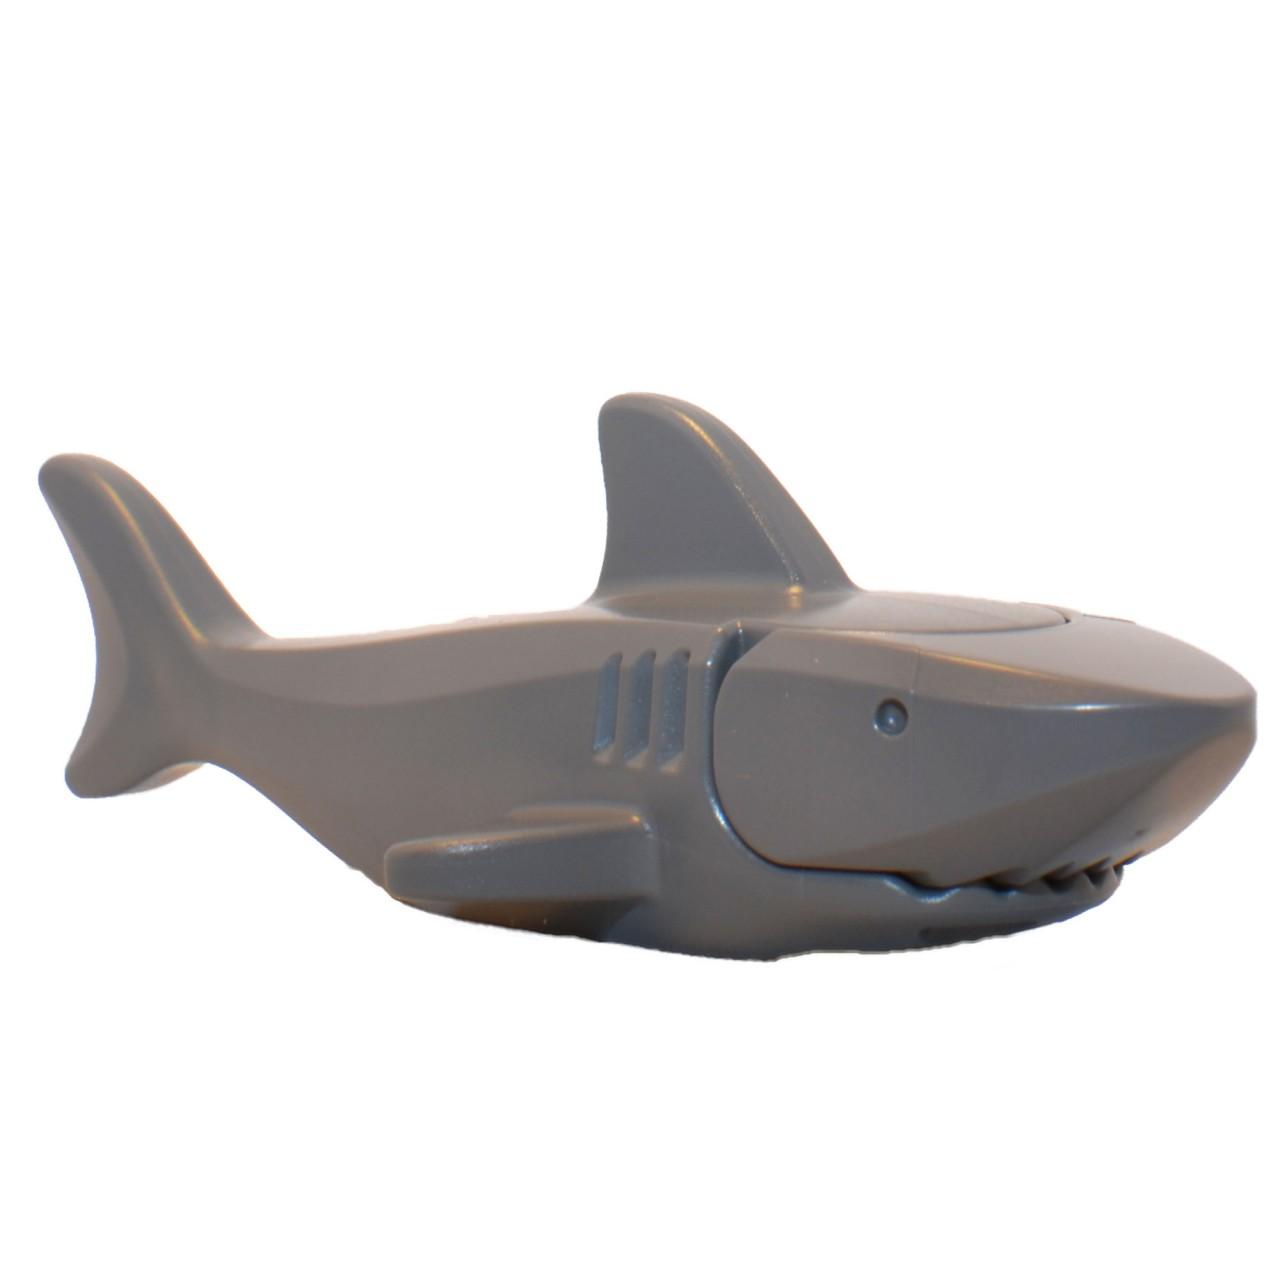 grijze haai losseminifiguren nl